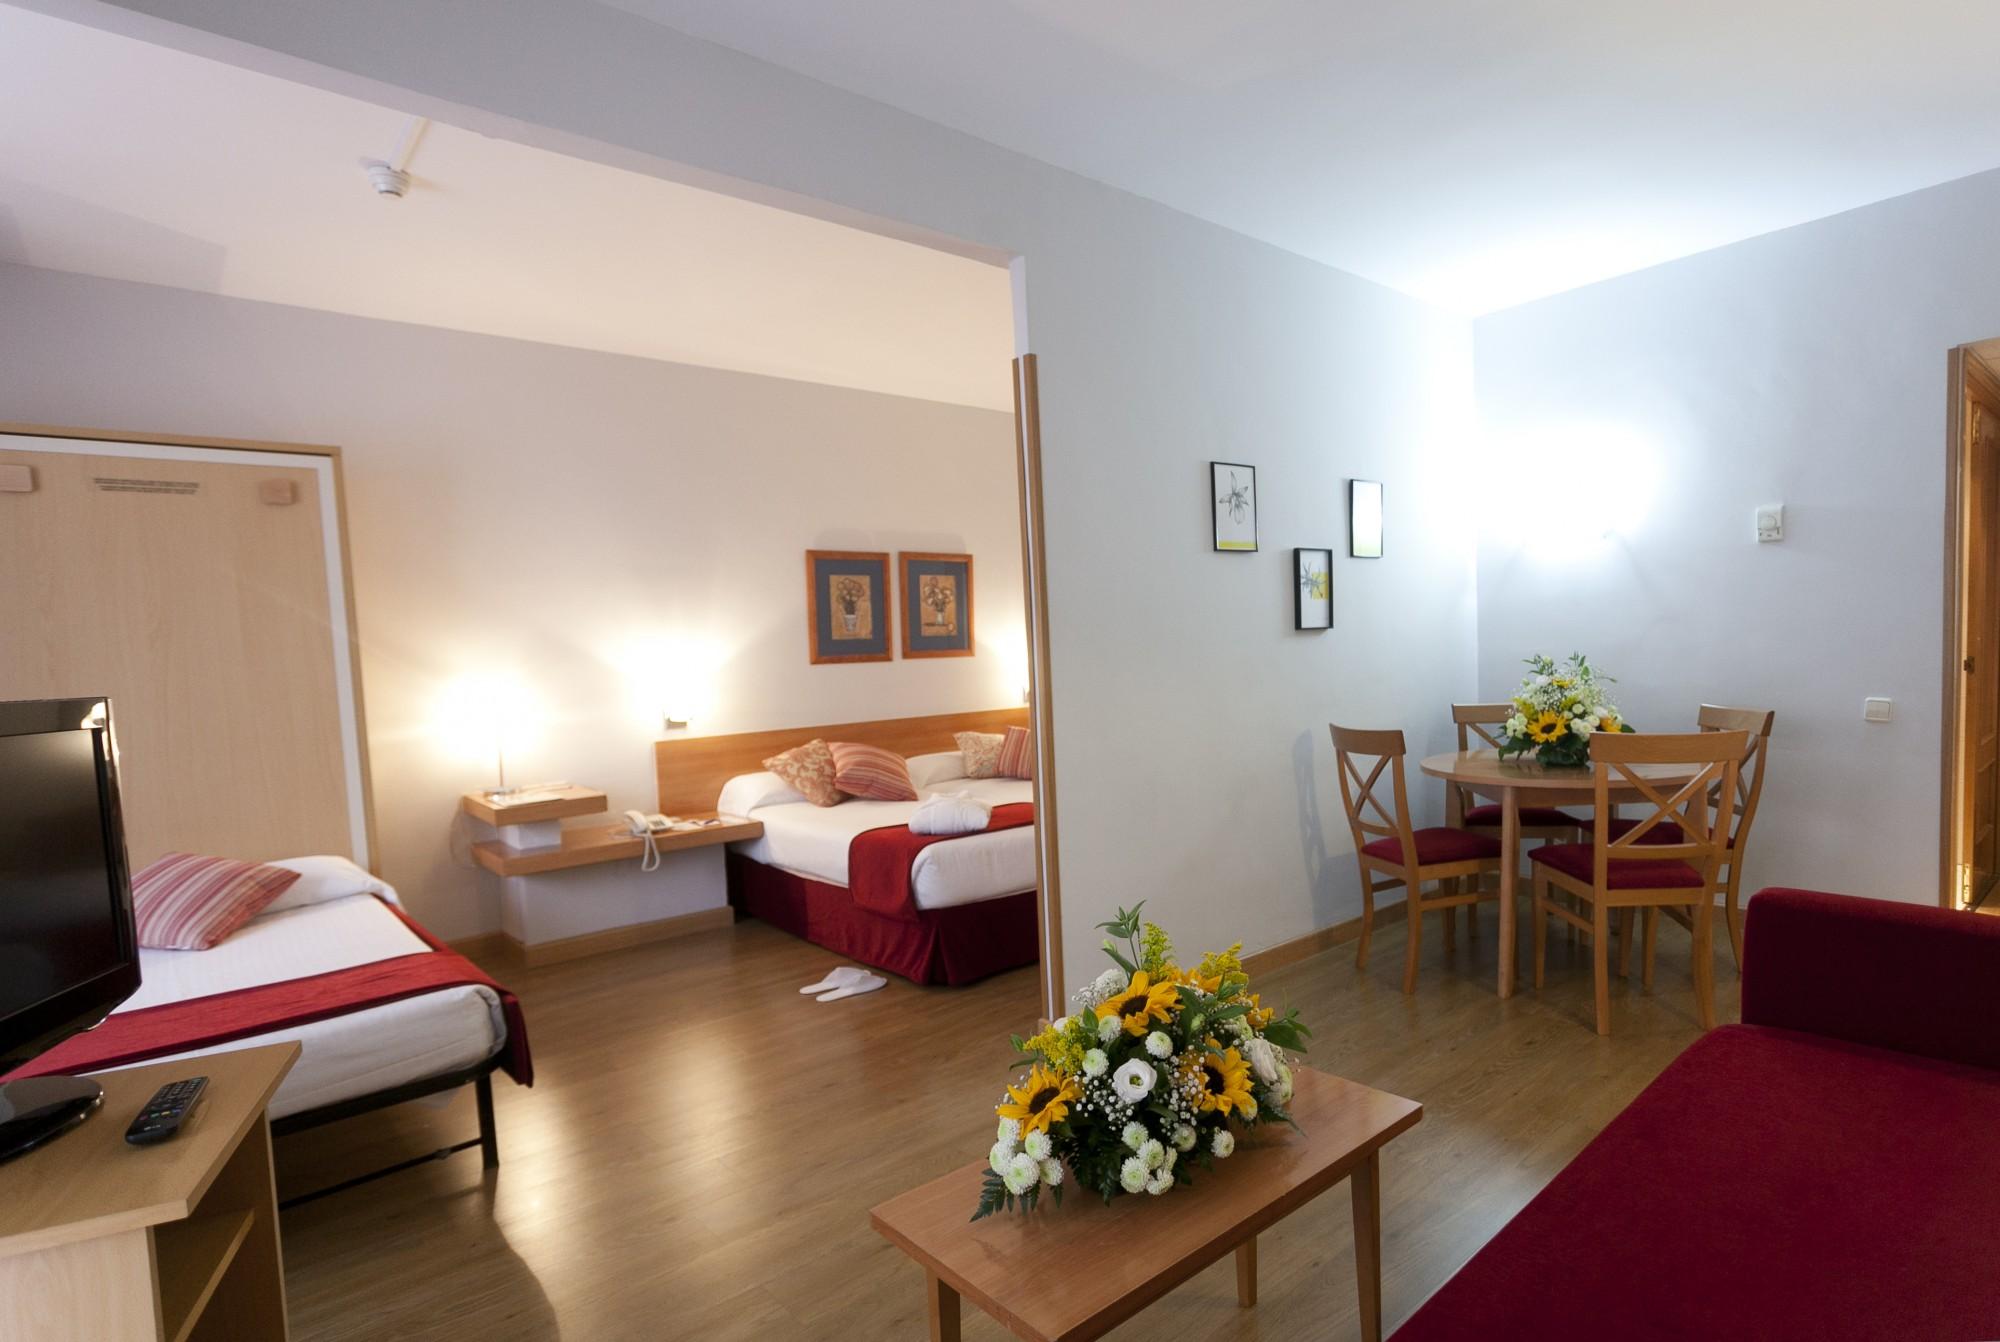 Appartements pour famille madrid muralto appartements - Le petit salon madrid ...